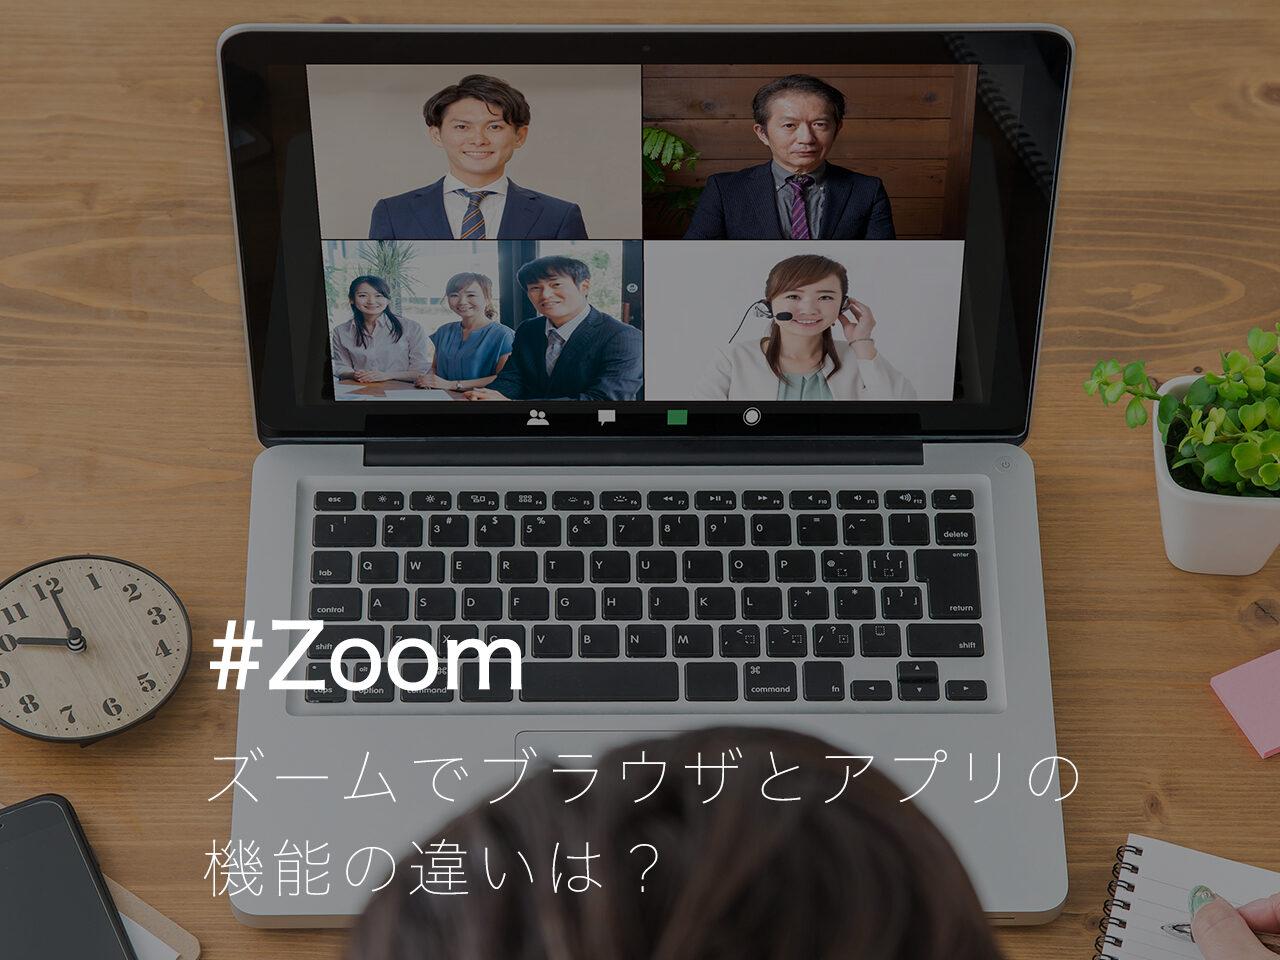 Zoom(ズーム)でブラウザとアプリの機能の違いは?のサムネイル画像